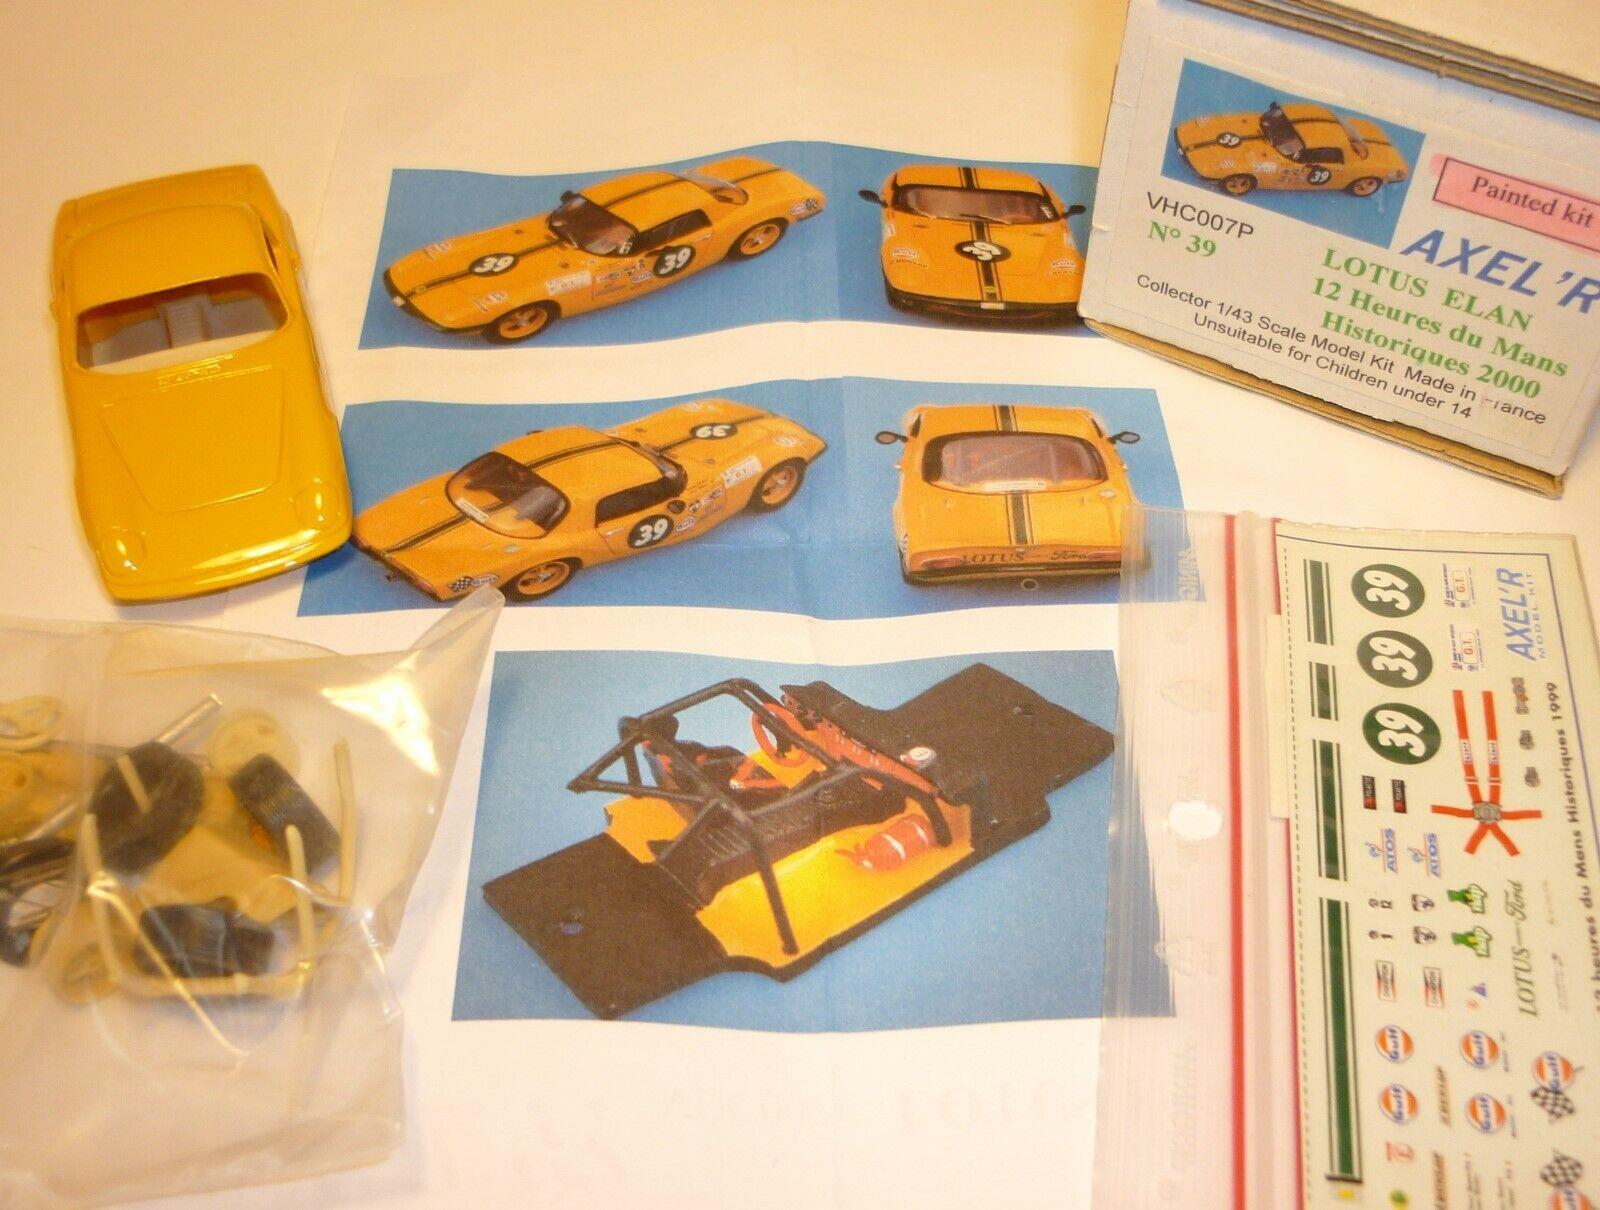 1 43  Lotus Elan  Bausatz   Kit  Resin   AXEL ' R  neu  Le Mans